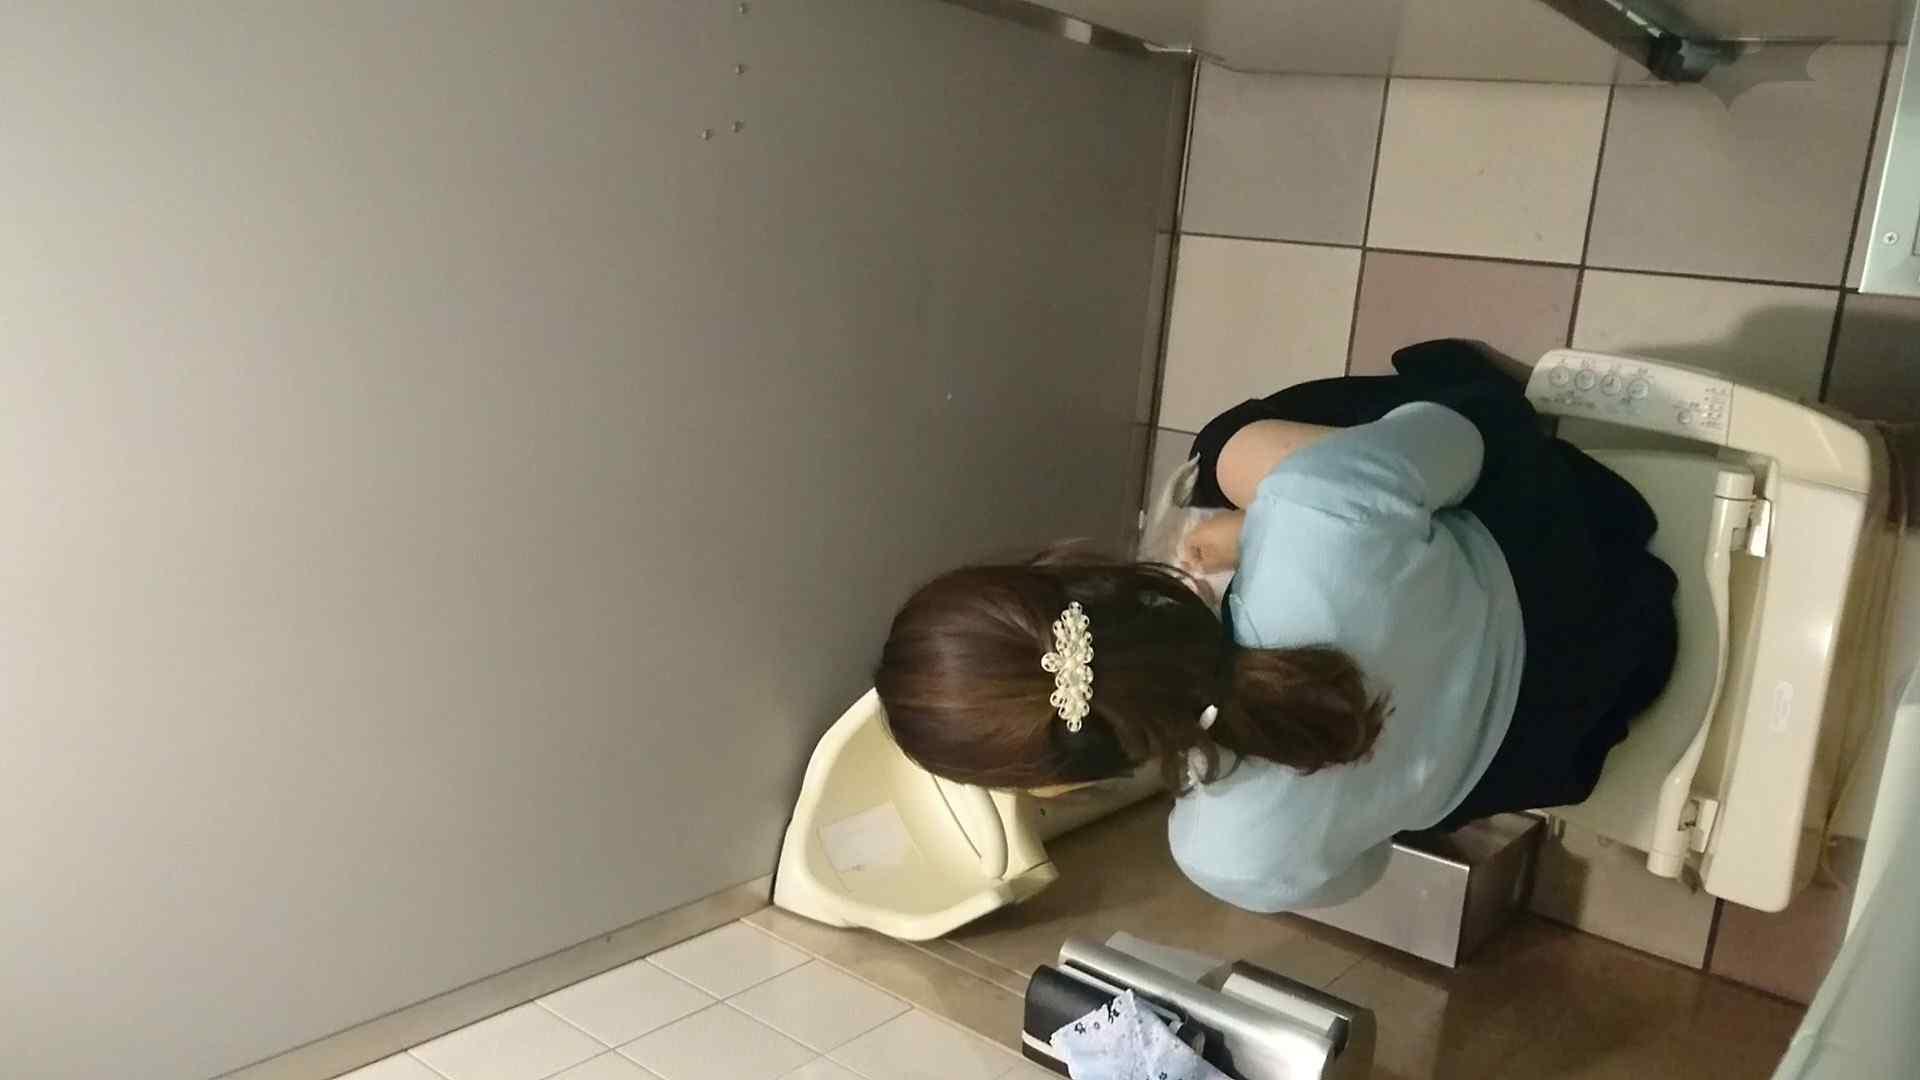 化粧室絵巻 ショッピングモール編 VOL.13 ギャル攻め オメコ動画キャプチャ 89画像 58